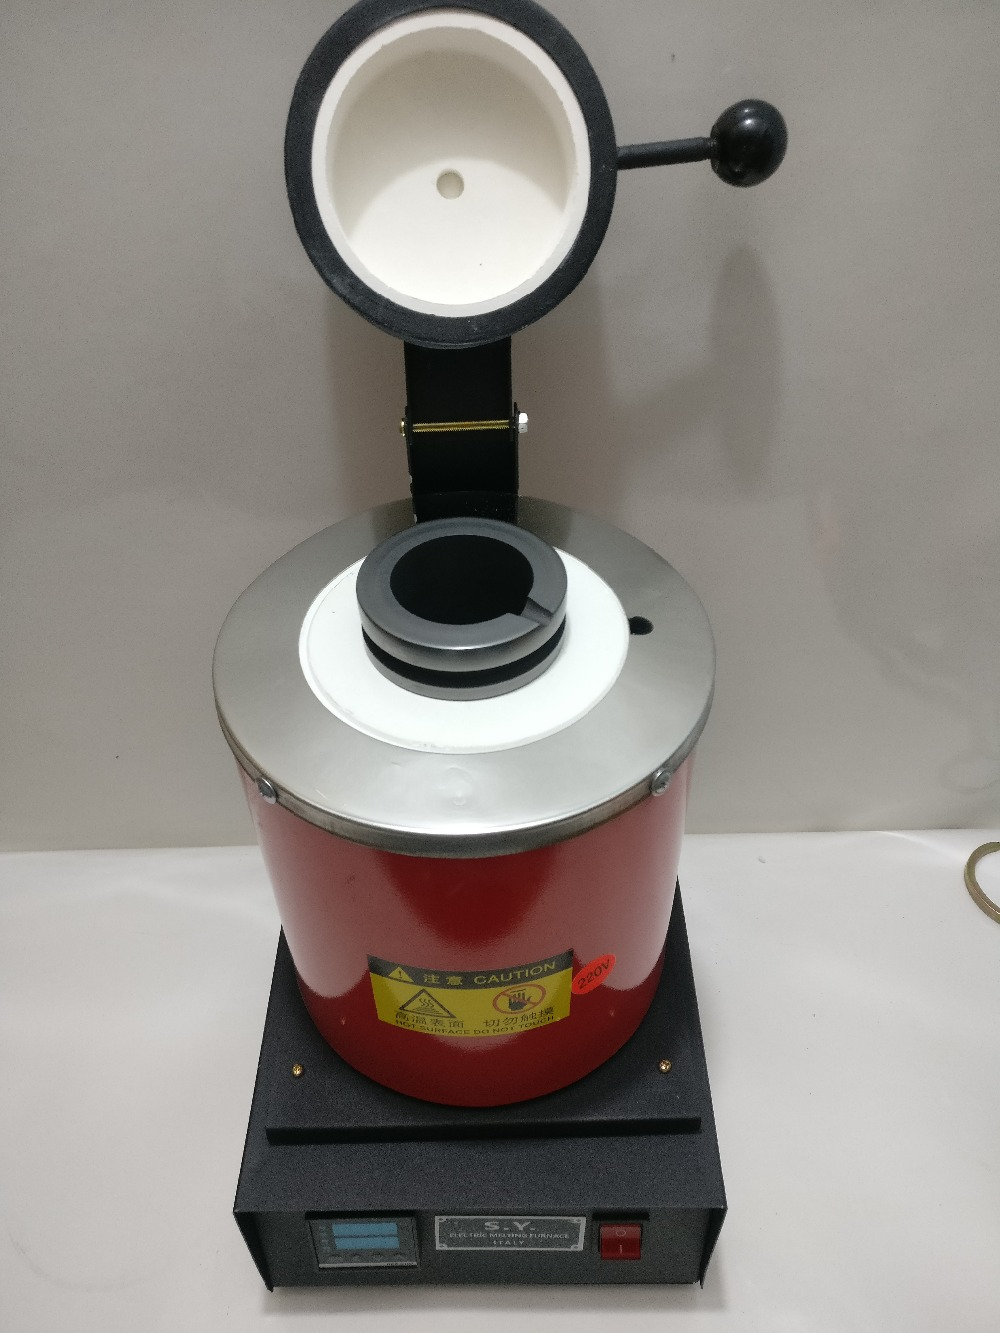 Petits fours de fusion à hautes températures, four de fusion d'or avec le creuset de Graphite de 2kg CE